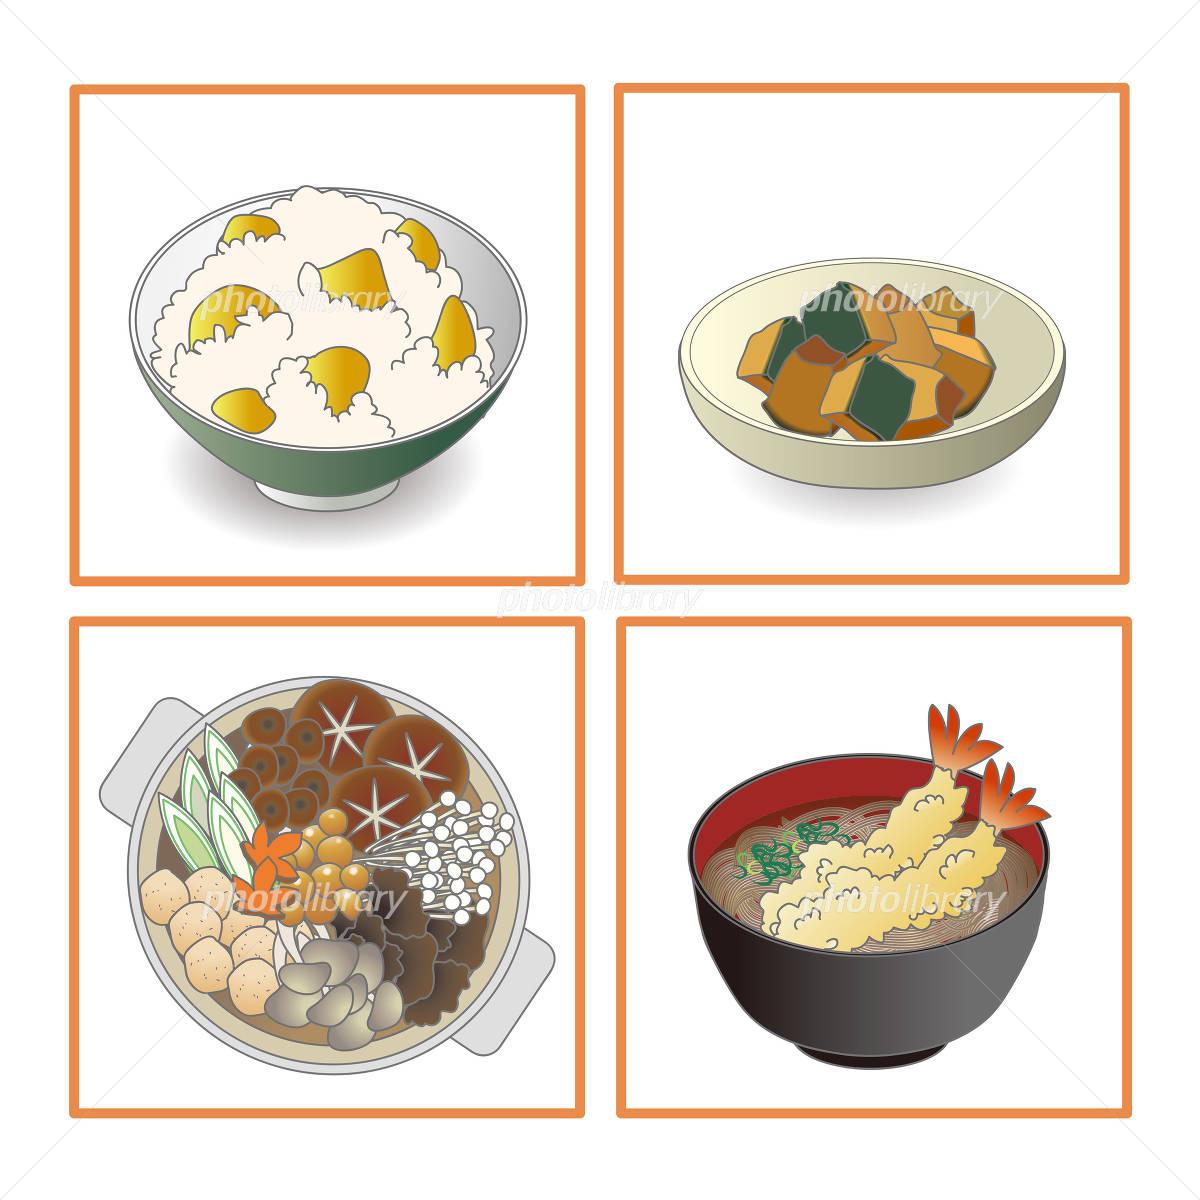 季節 食べ物 秋 冬 イラスト素材 4902223 フォトライブラリー